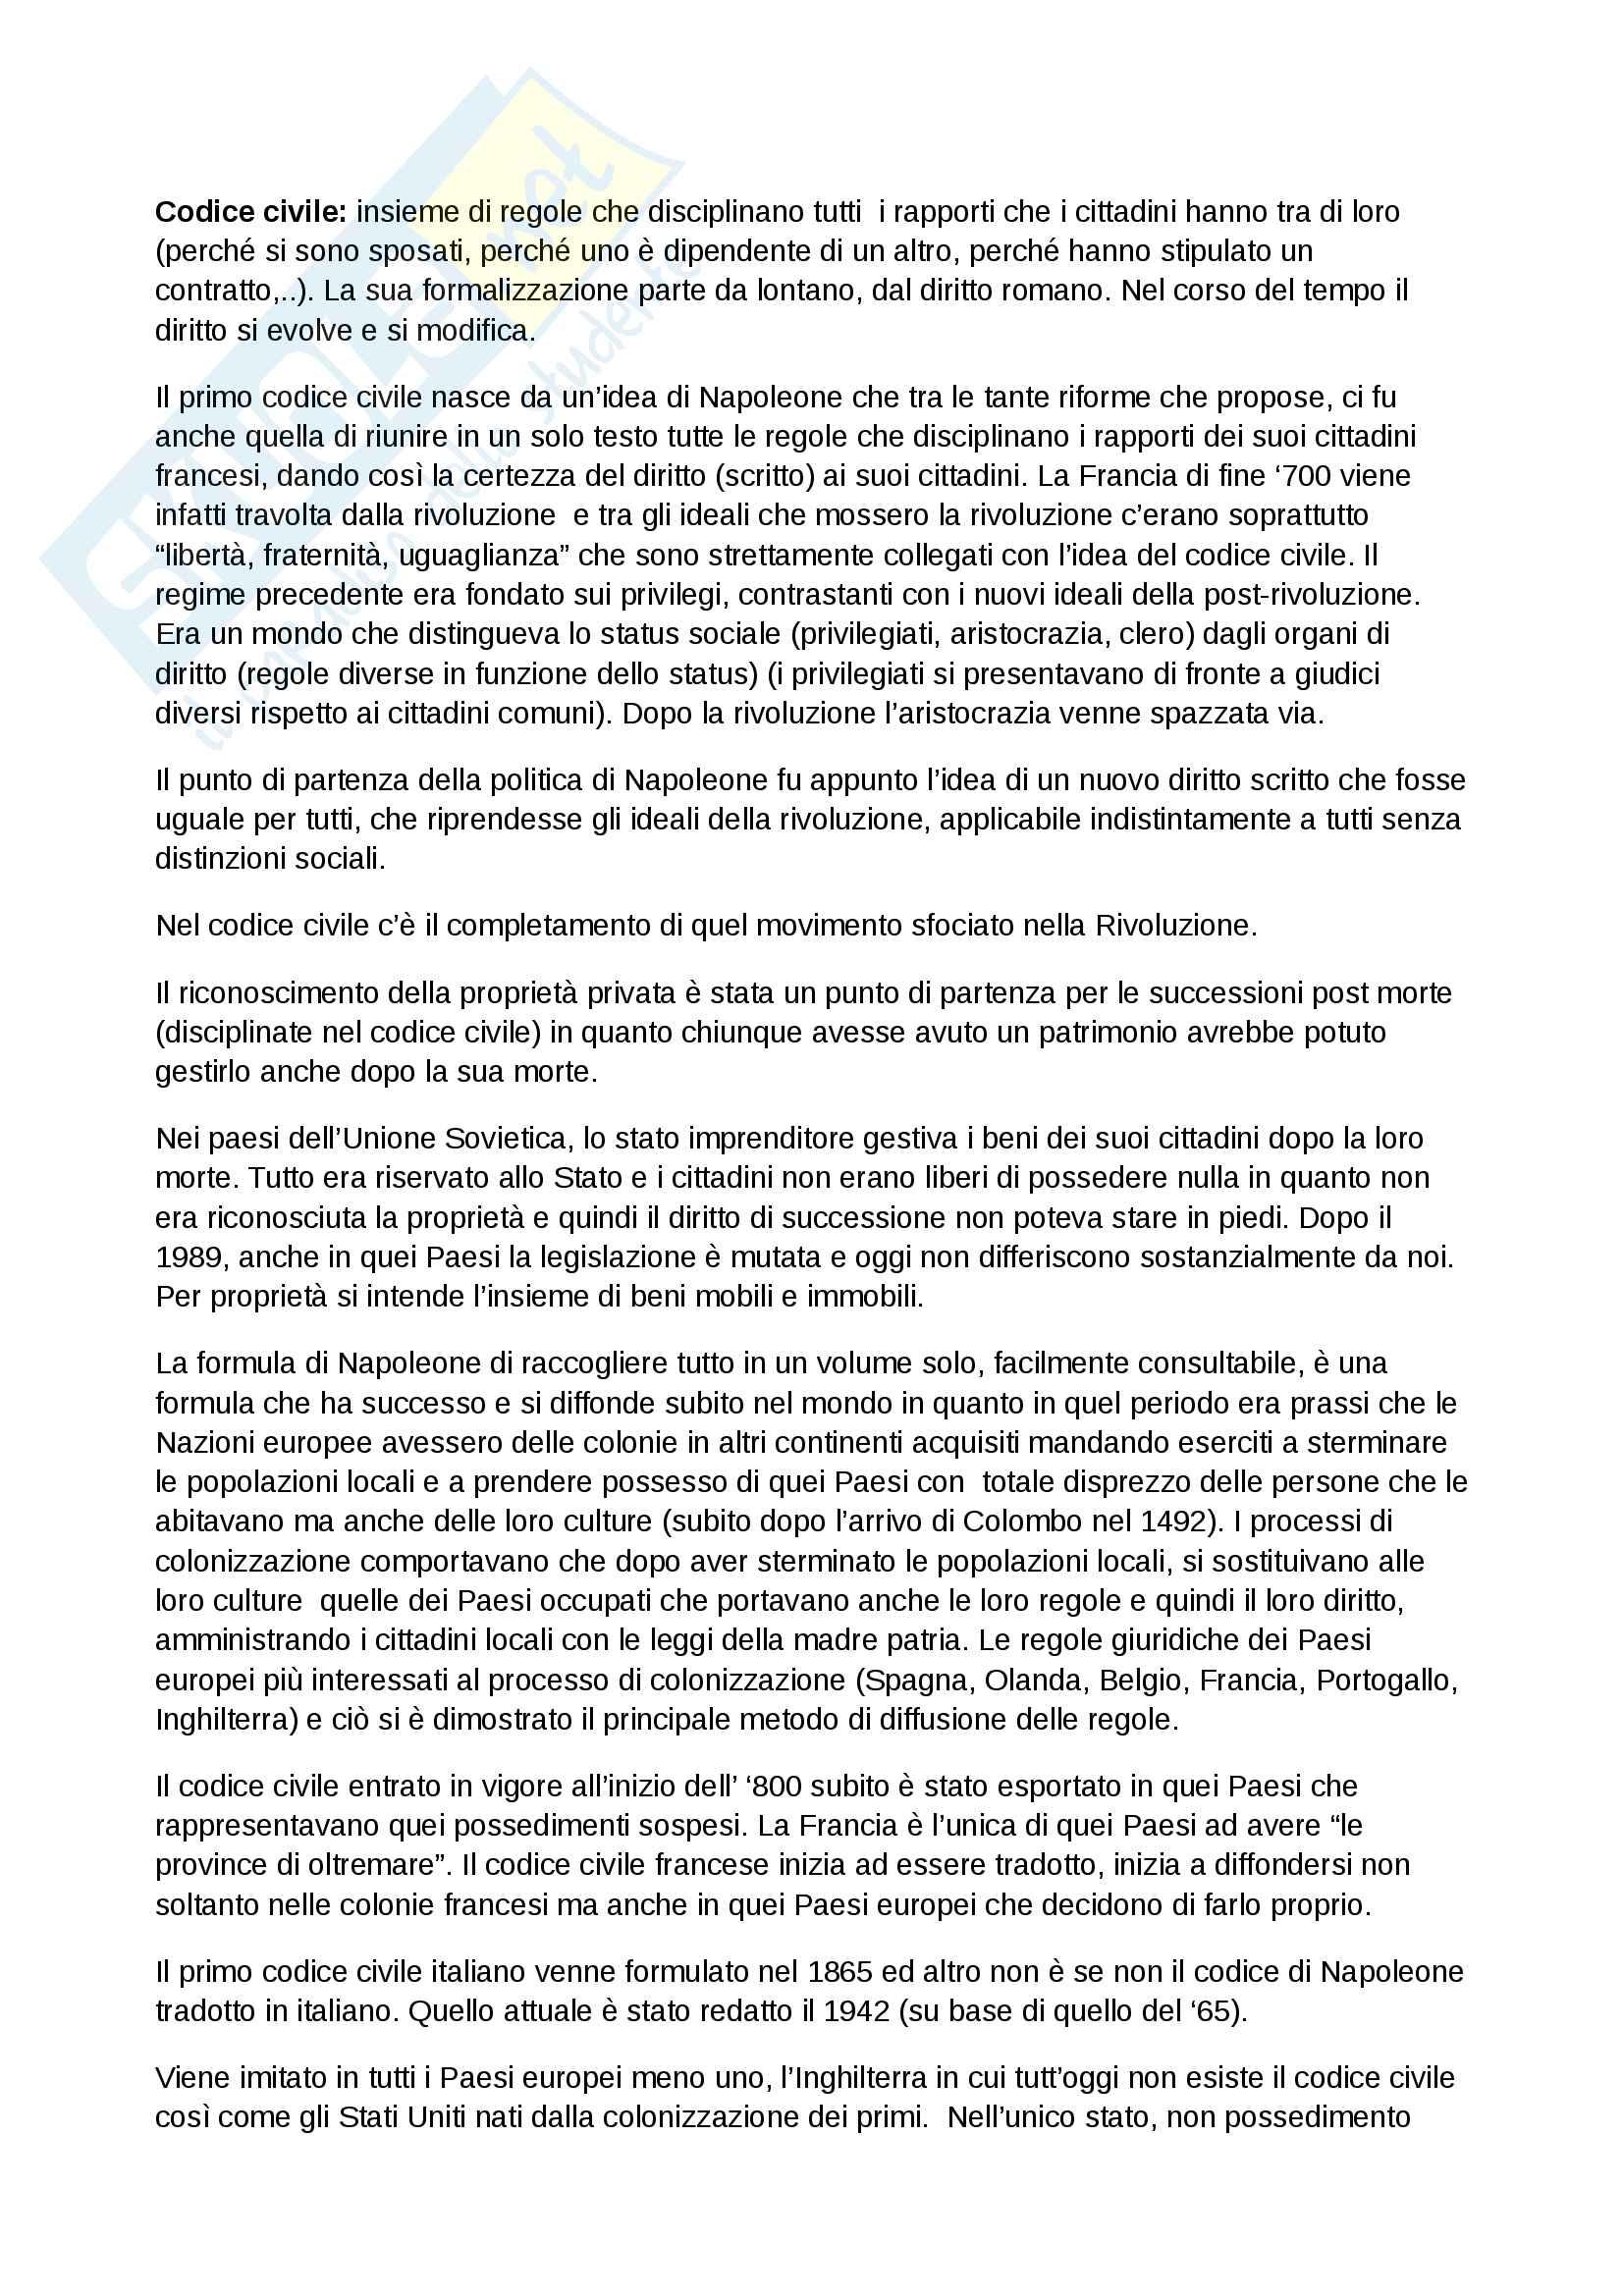 Appunti Diritto Privato 1° anno Economia Bicocca, prof Cesare Vaccà